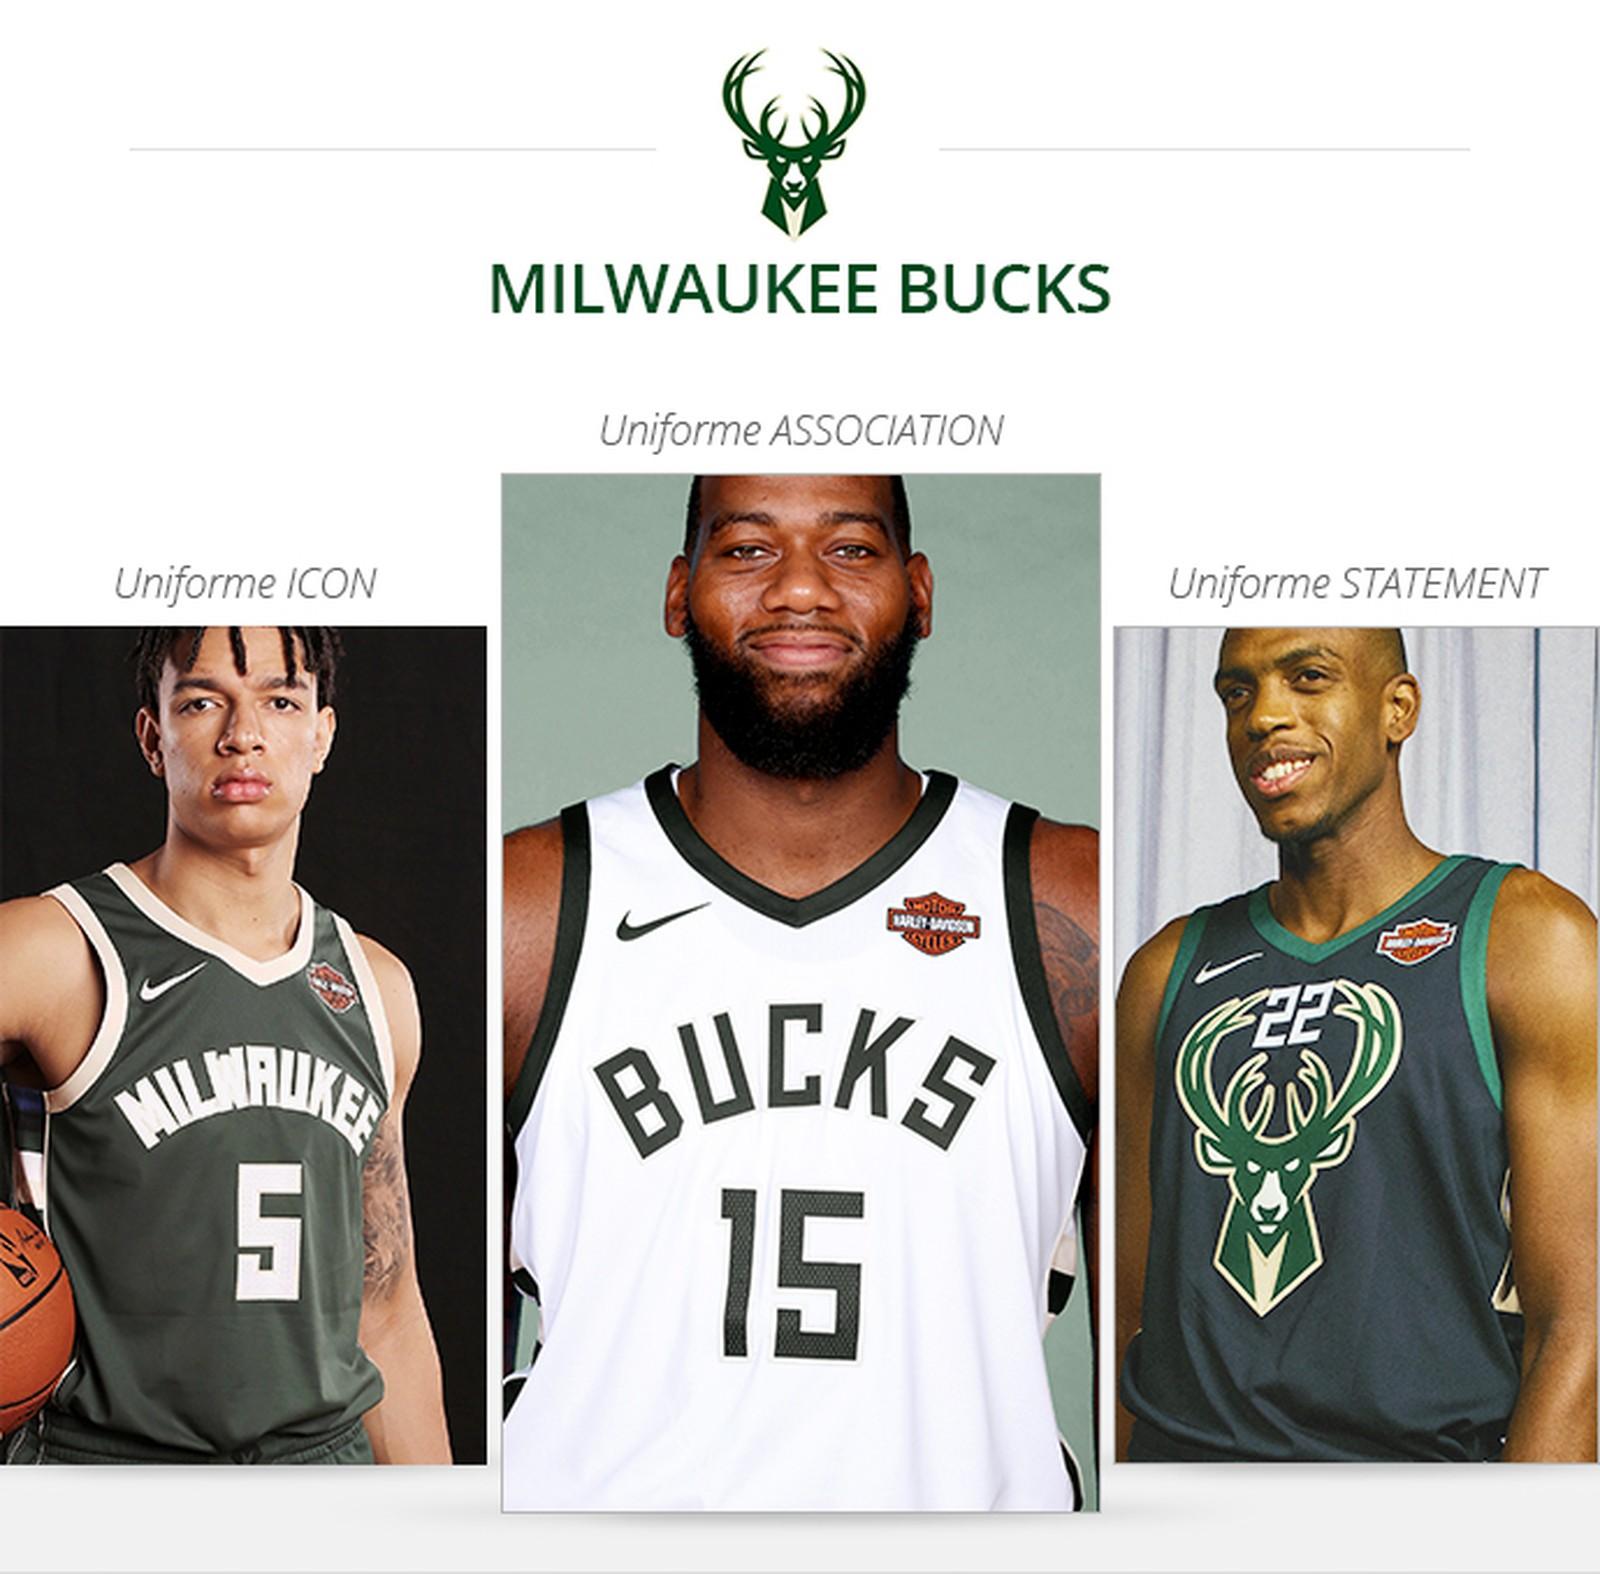 Uniformes Milwaukee Bucks saison 2017/18